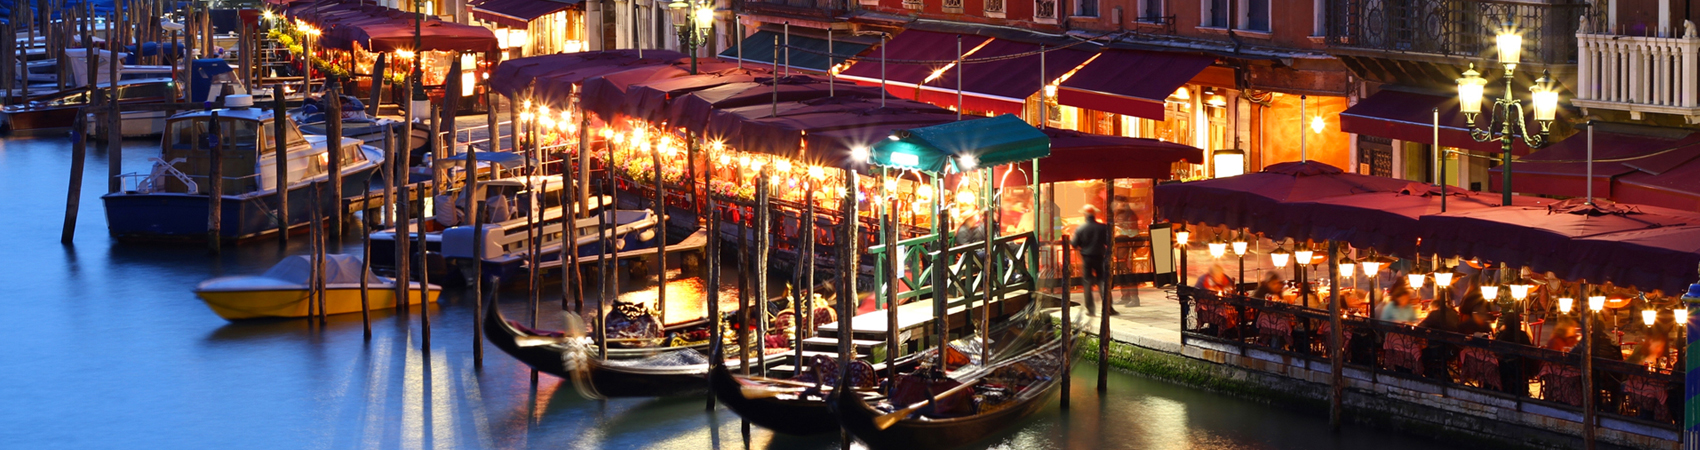 10 cose da mangiare a Venezia, ecco i consigli